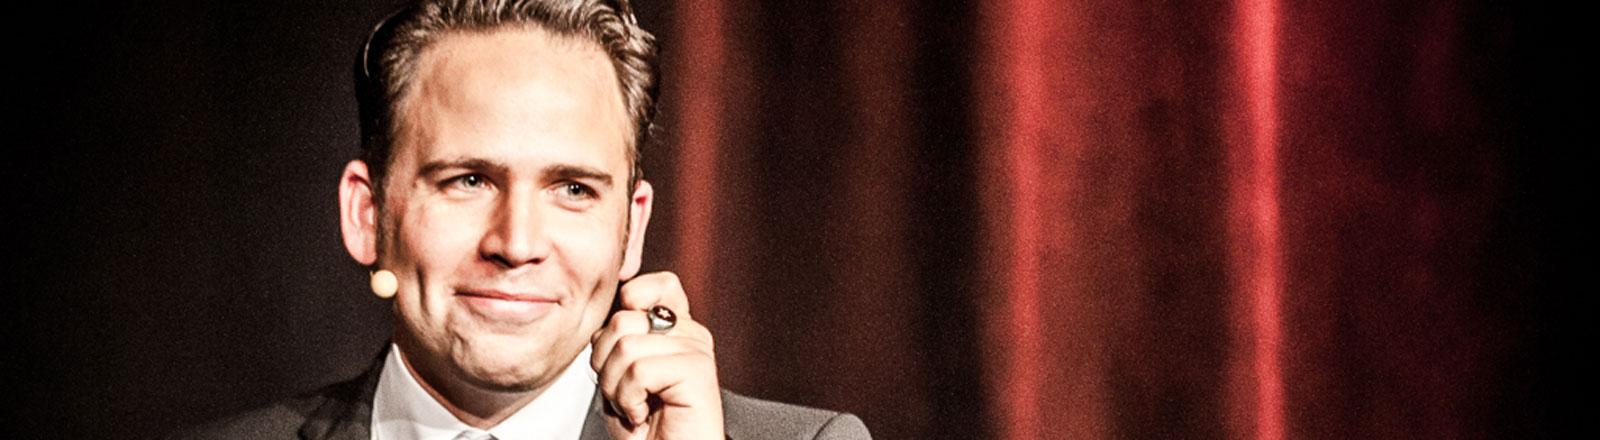 Comedian Christoph Tiemann vor einem roten Bühnenvorhang.